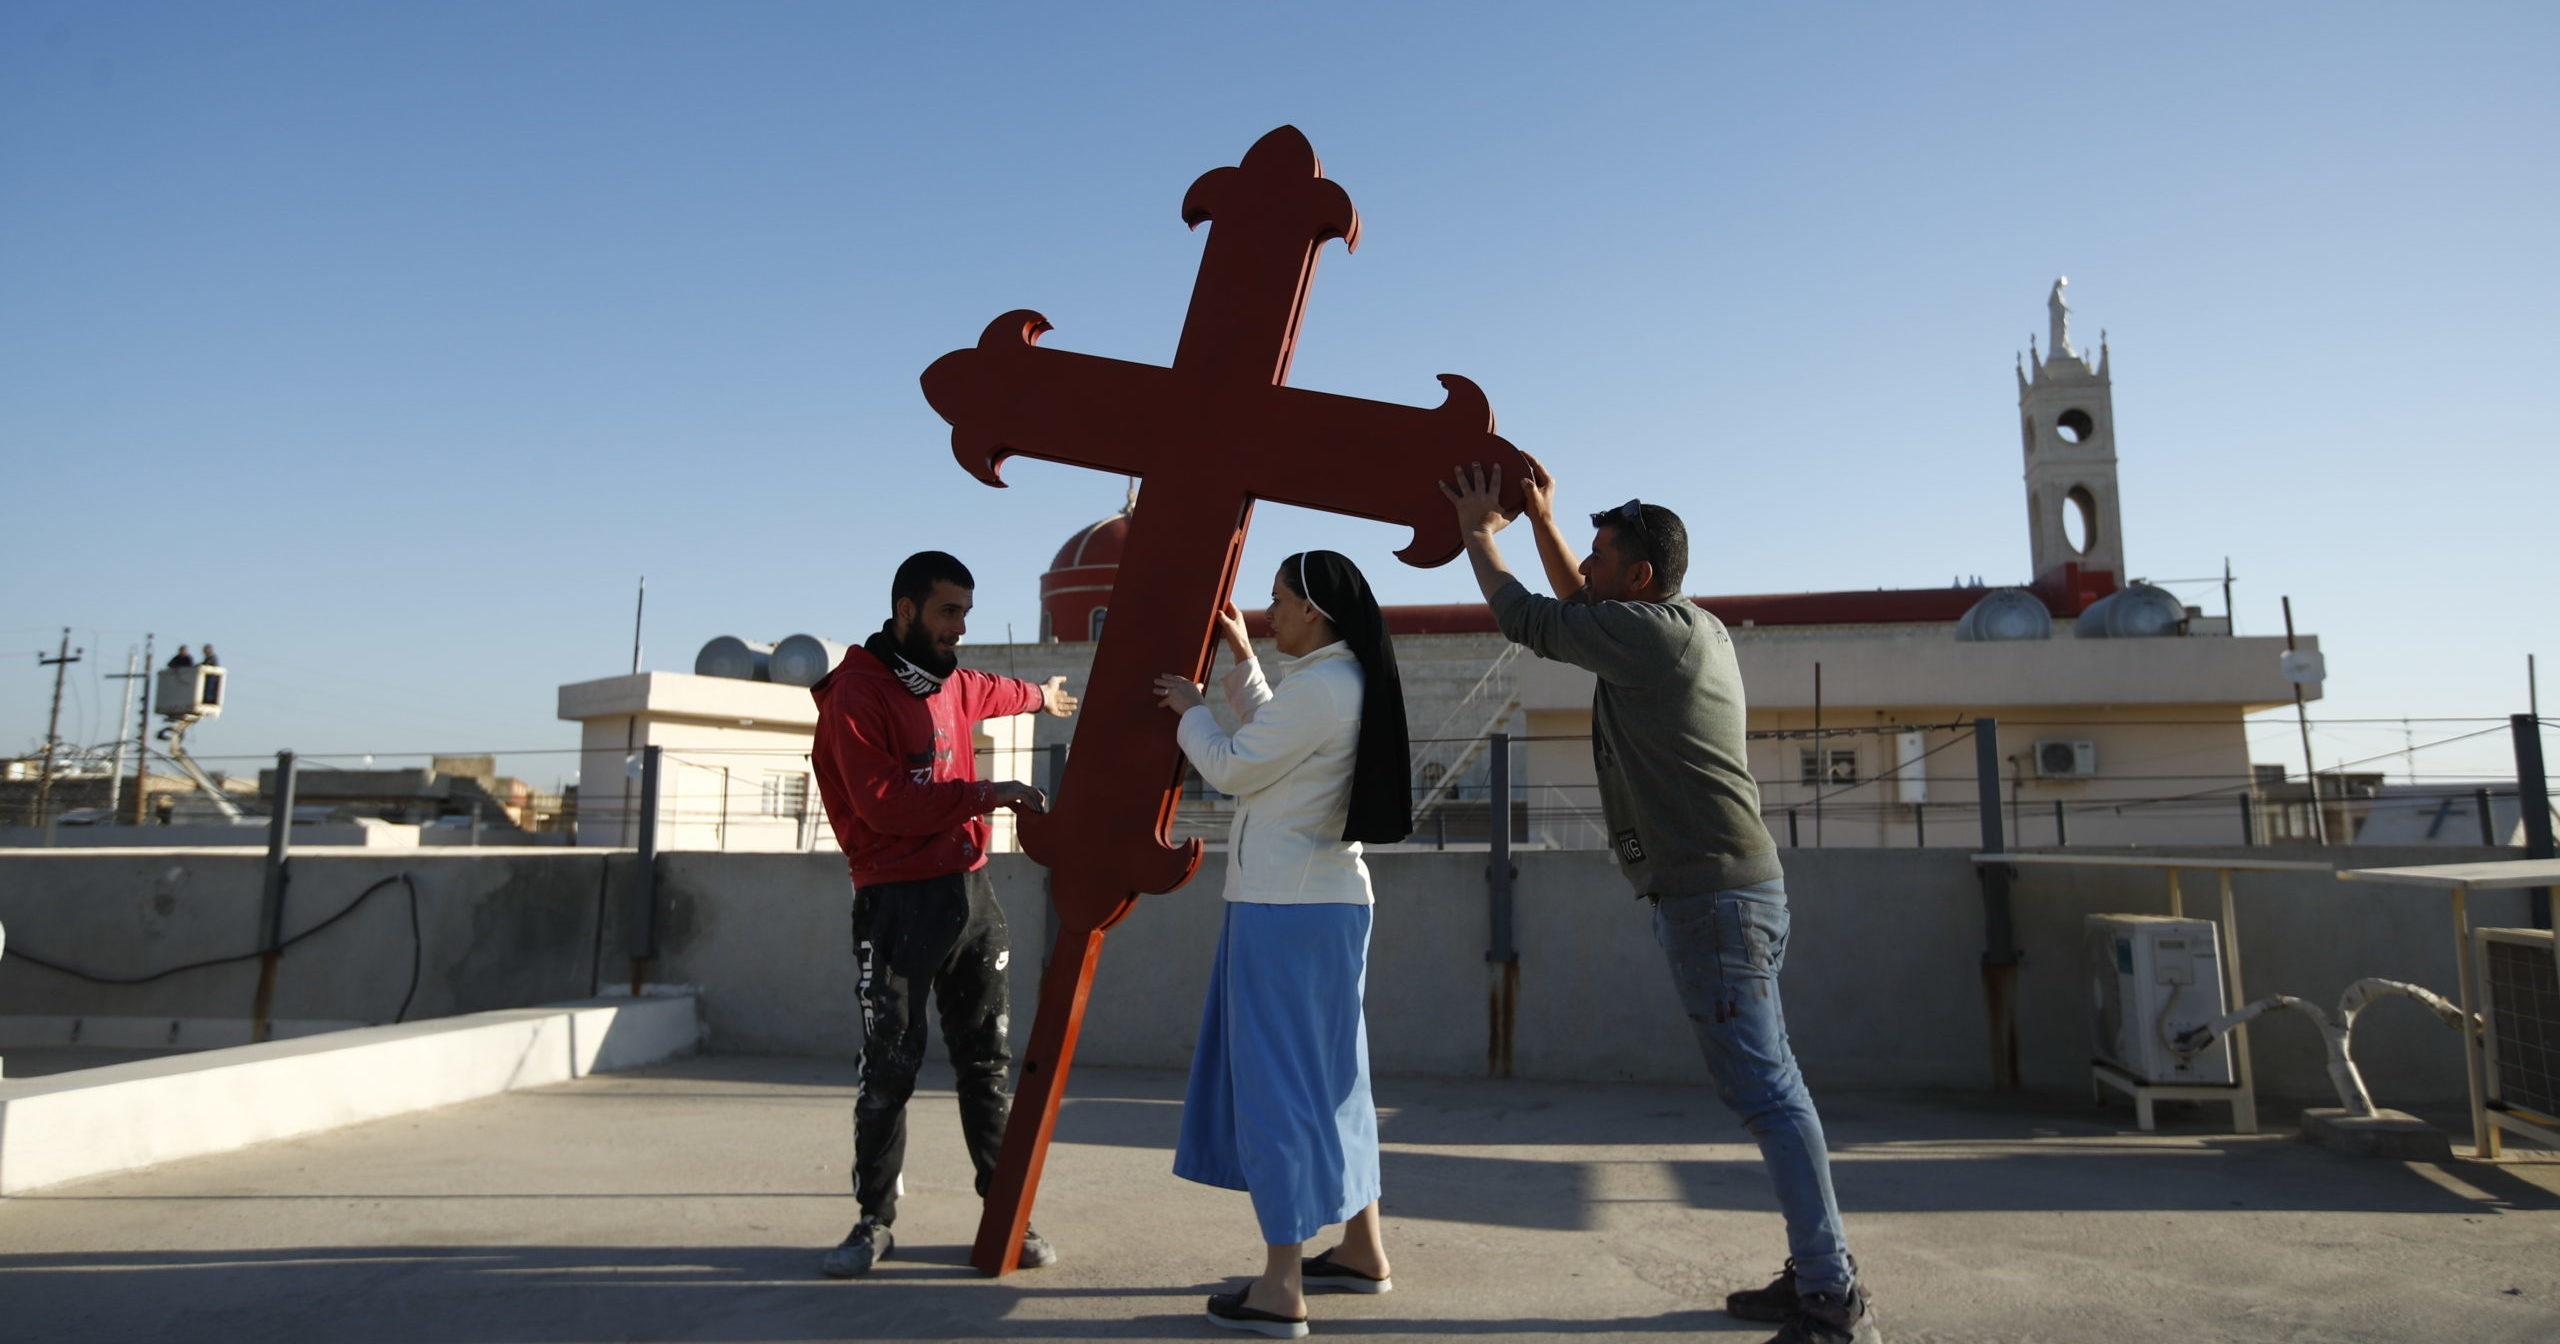 Iraqi Christians place a cross on a church in Qaraqosh, Iraq, on Feb. 22, 2021.